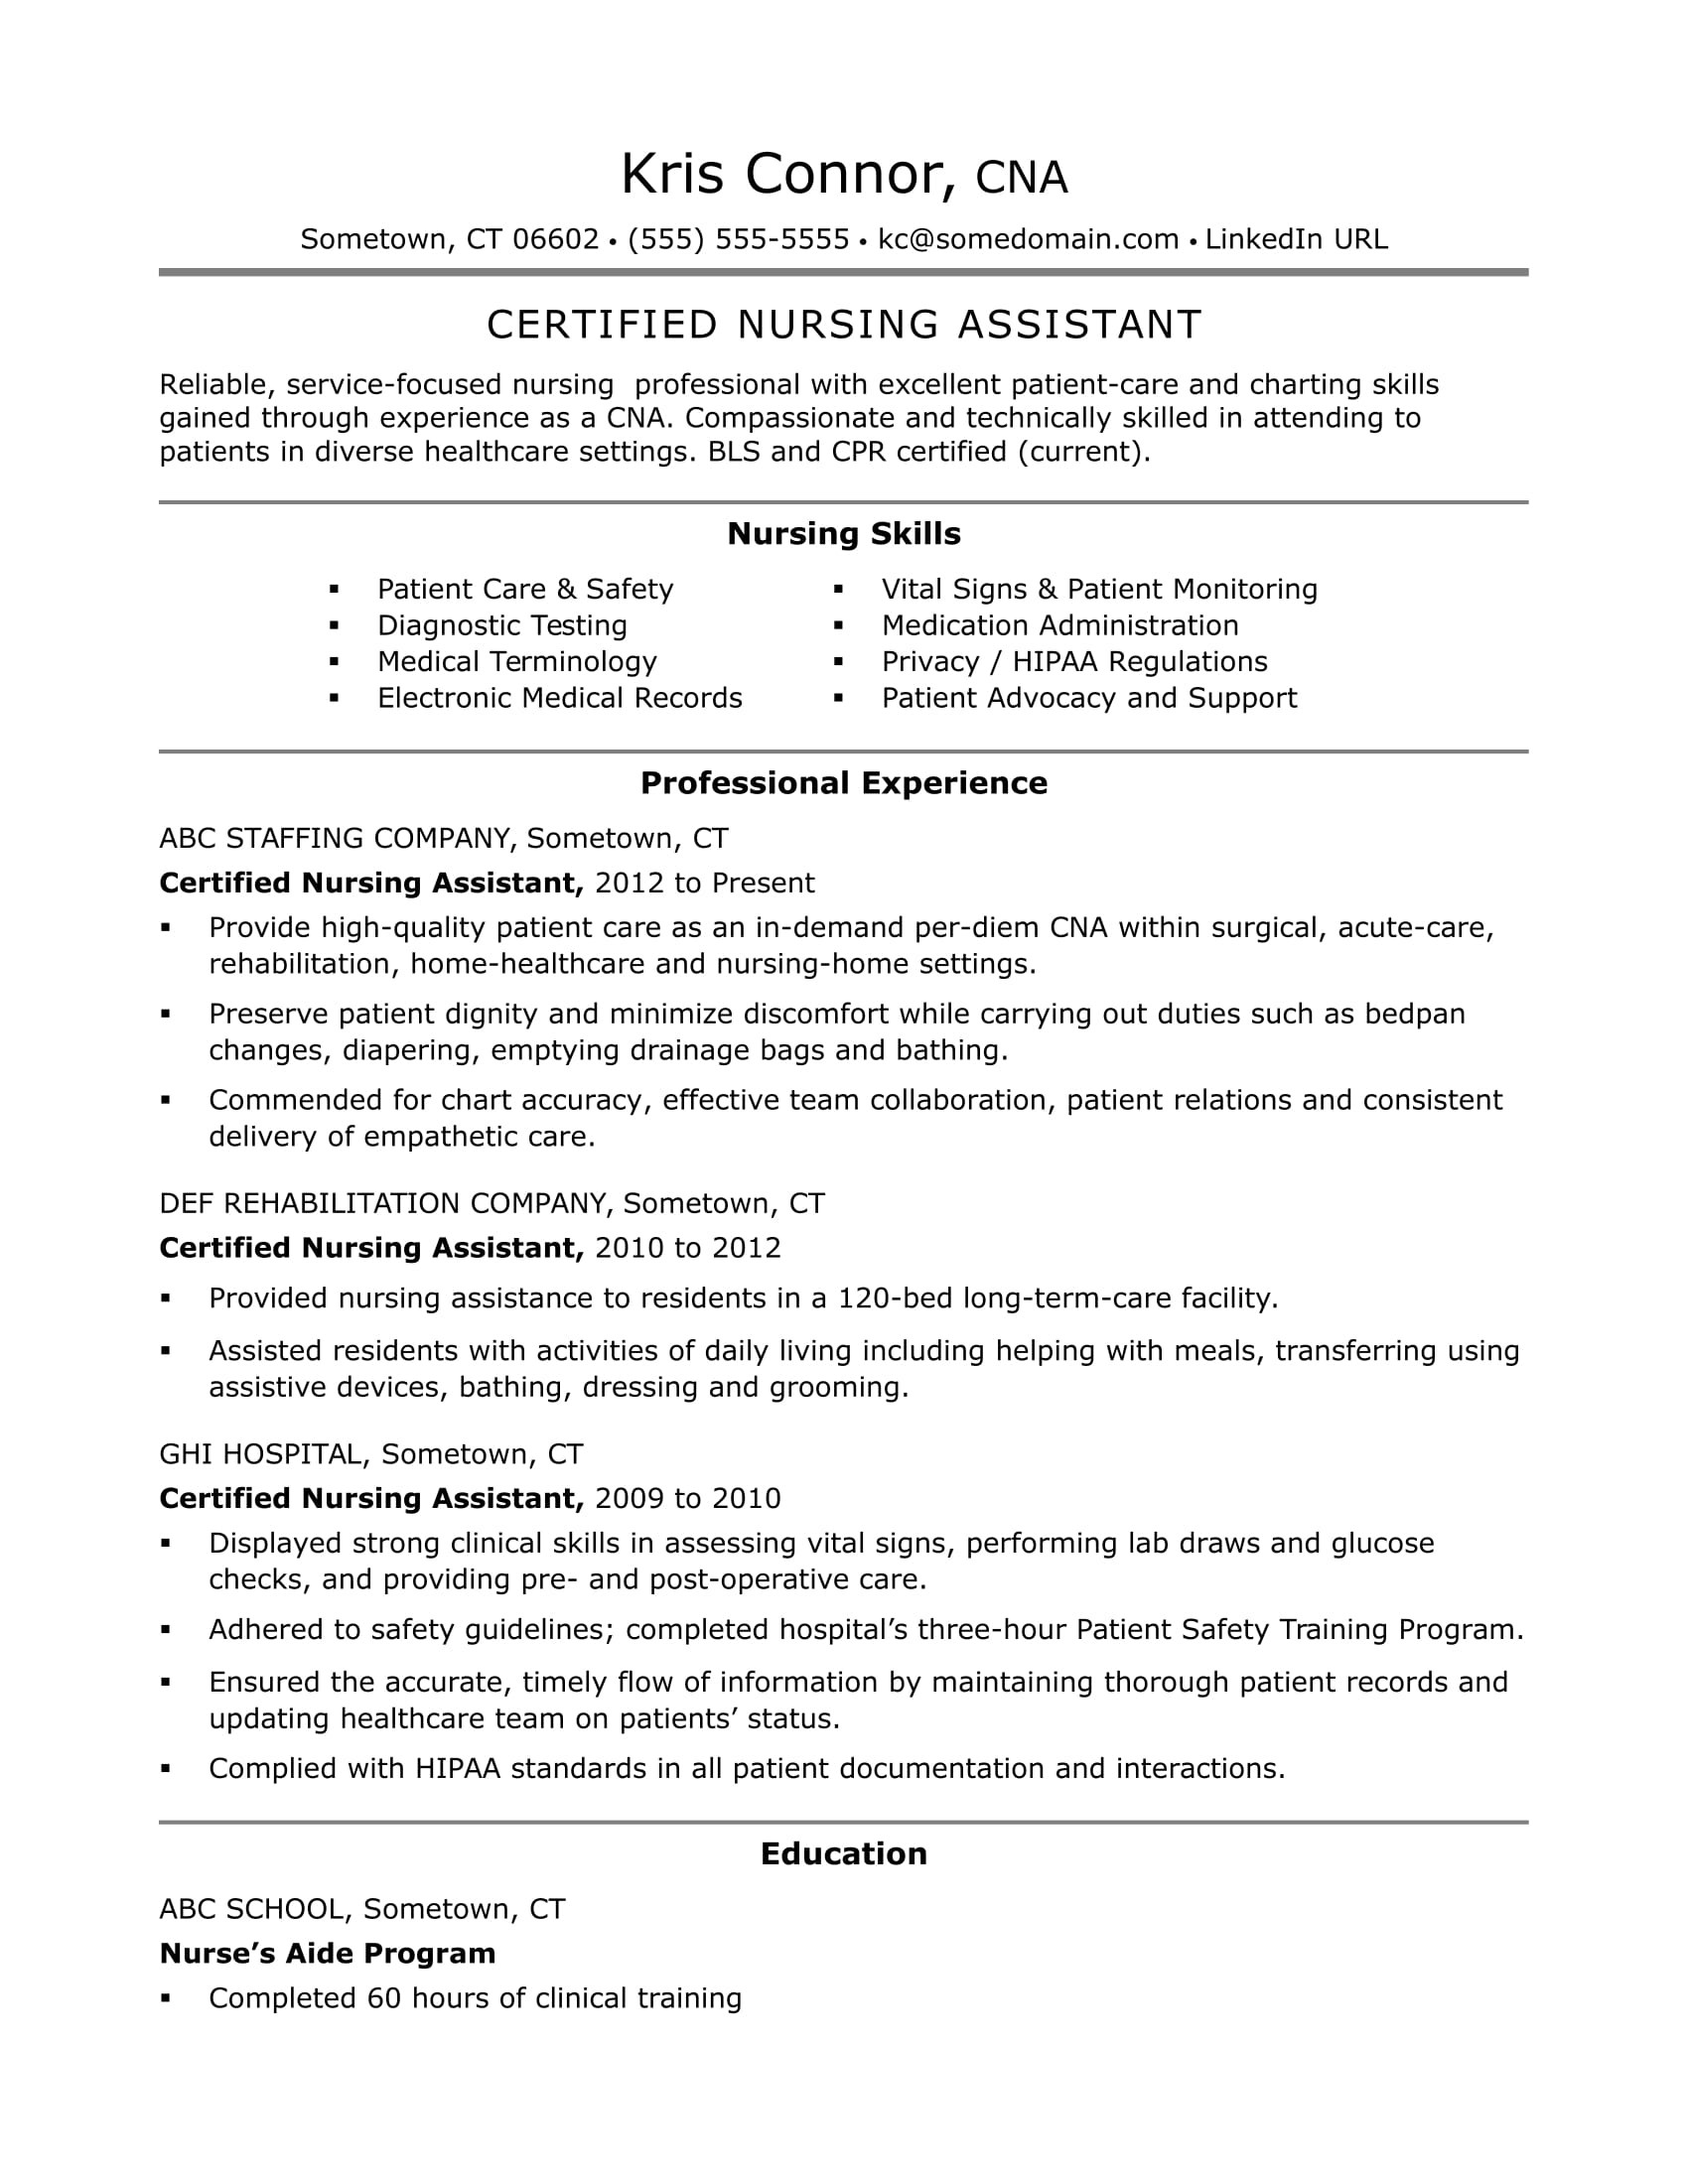 Nurse Aide Resume Samples Cna Resume Examples Skills for Cnas